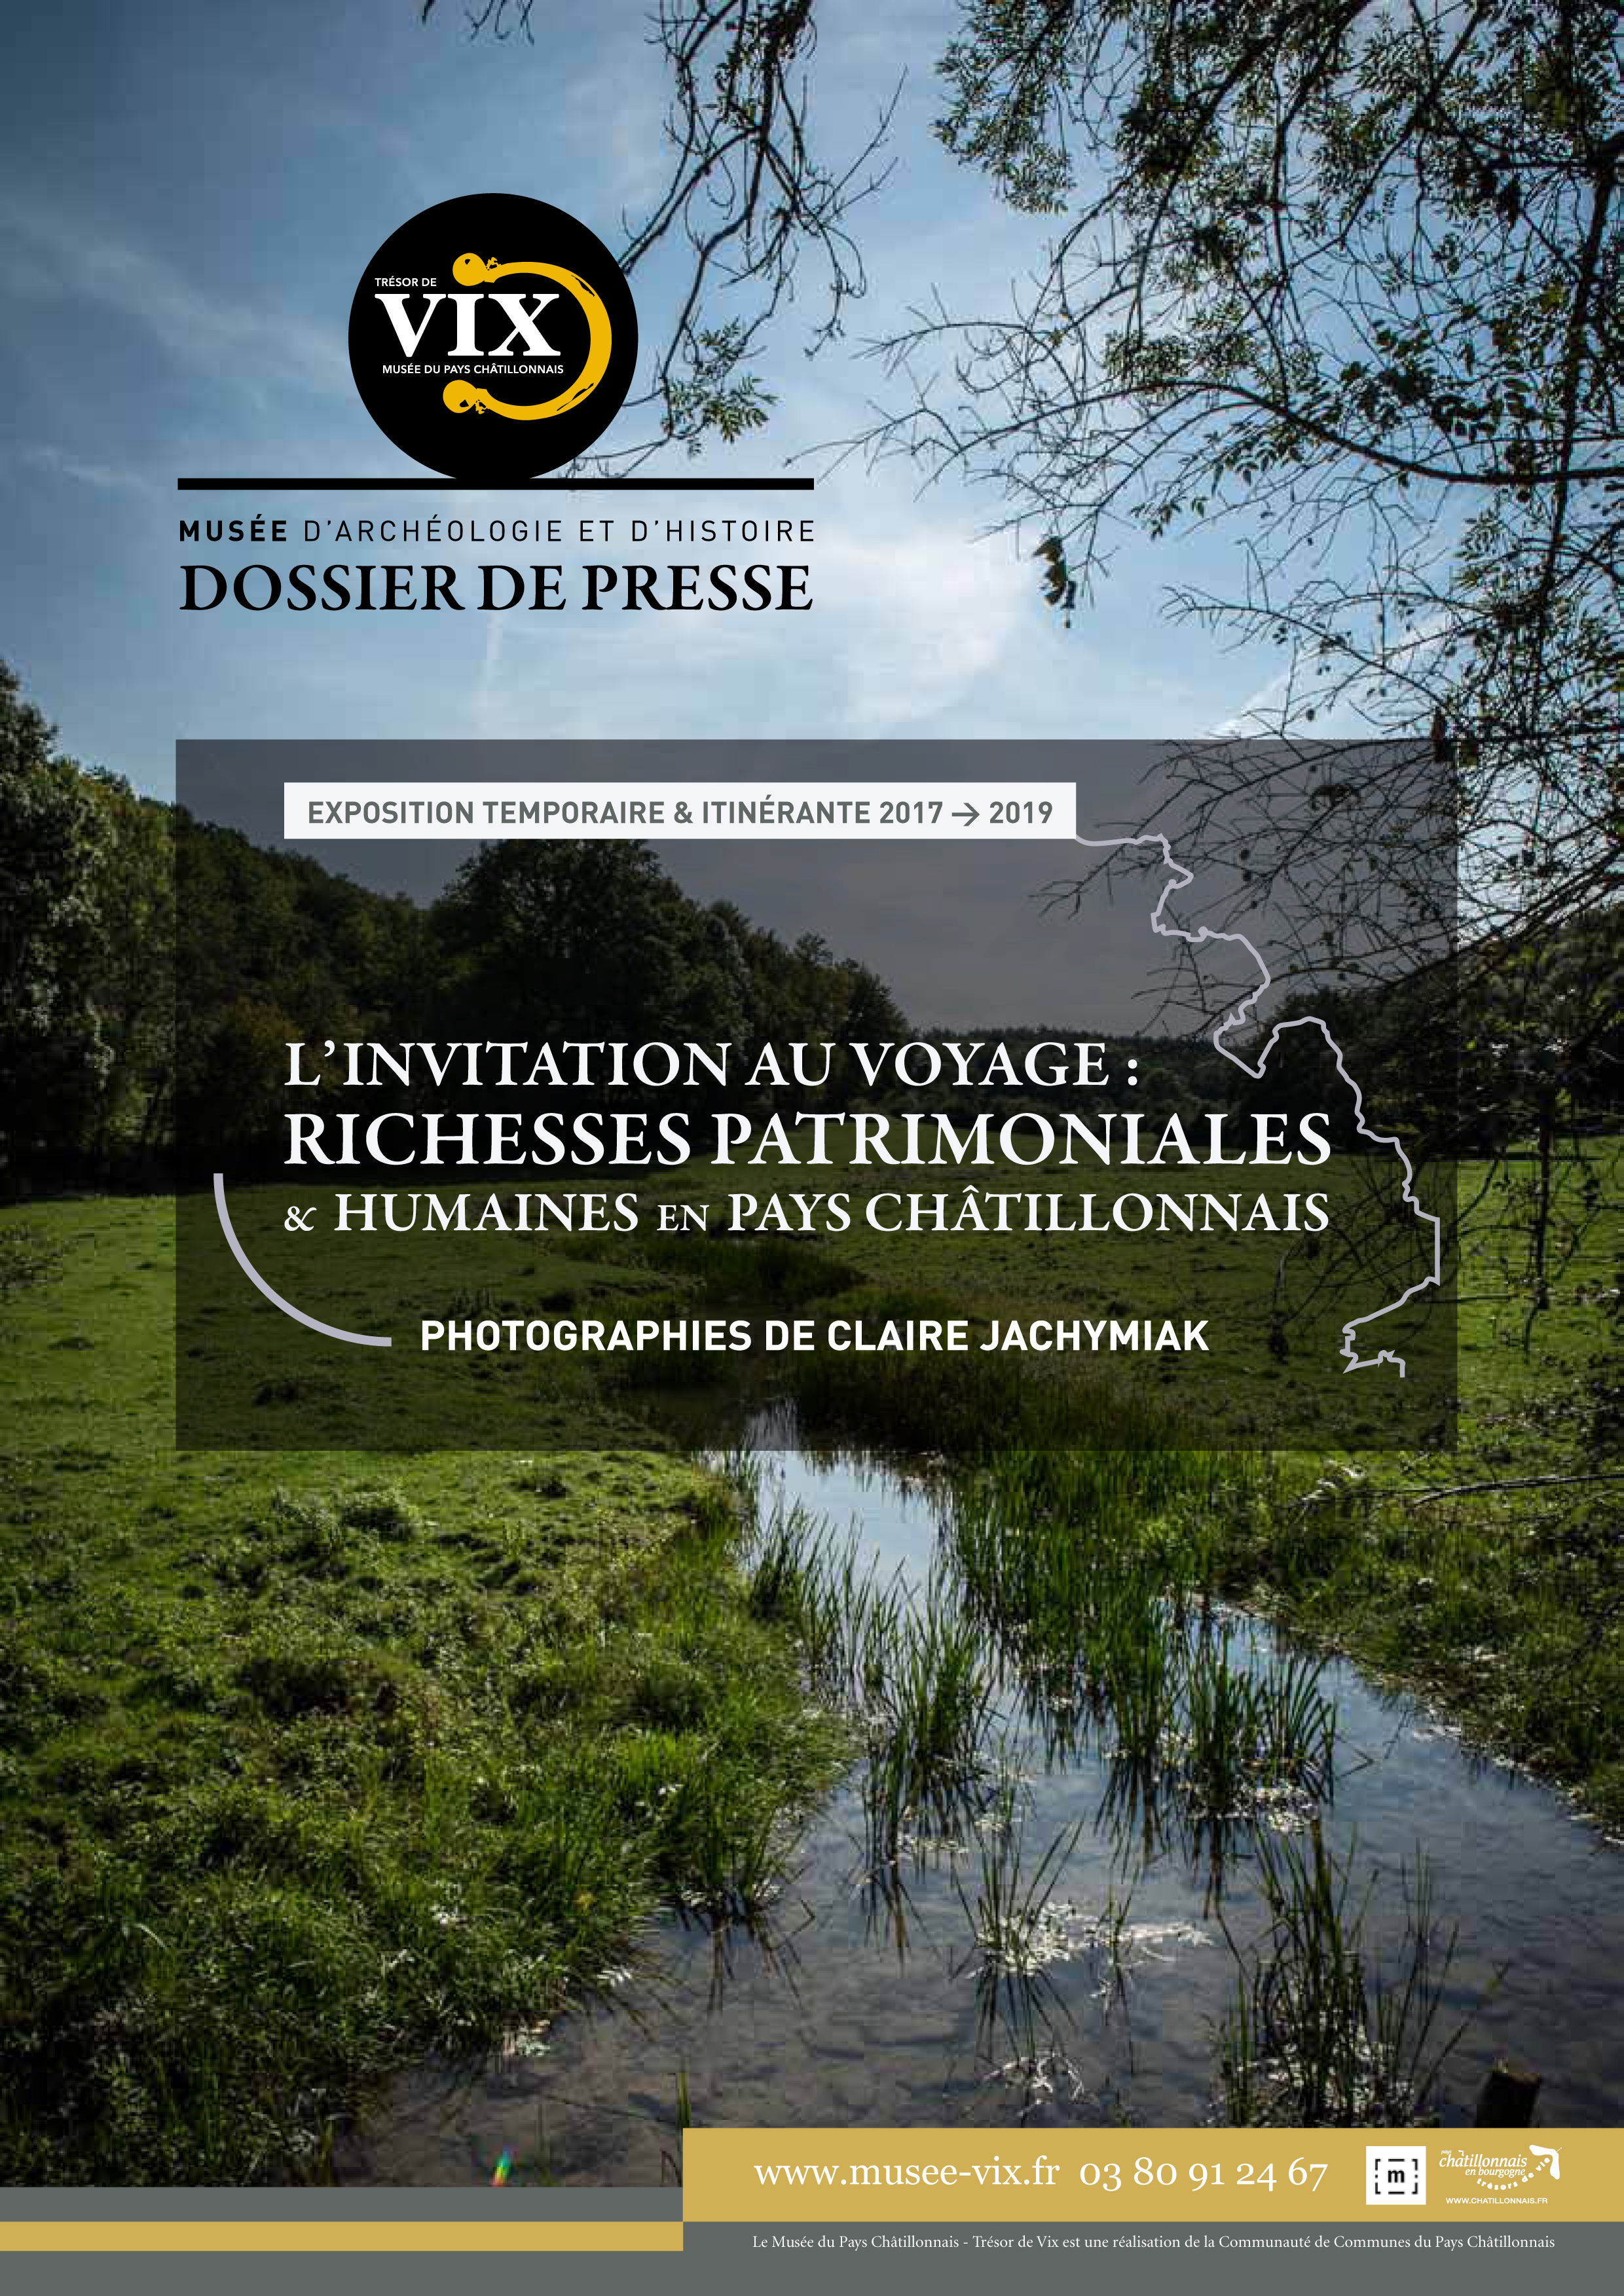 Dossier de presse exposition L'INVITATION AU VOYAGE : RICHESSES PATRIMONIALES ET HUMAINES EN PAYS CHÂTILLONNAIS